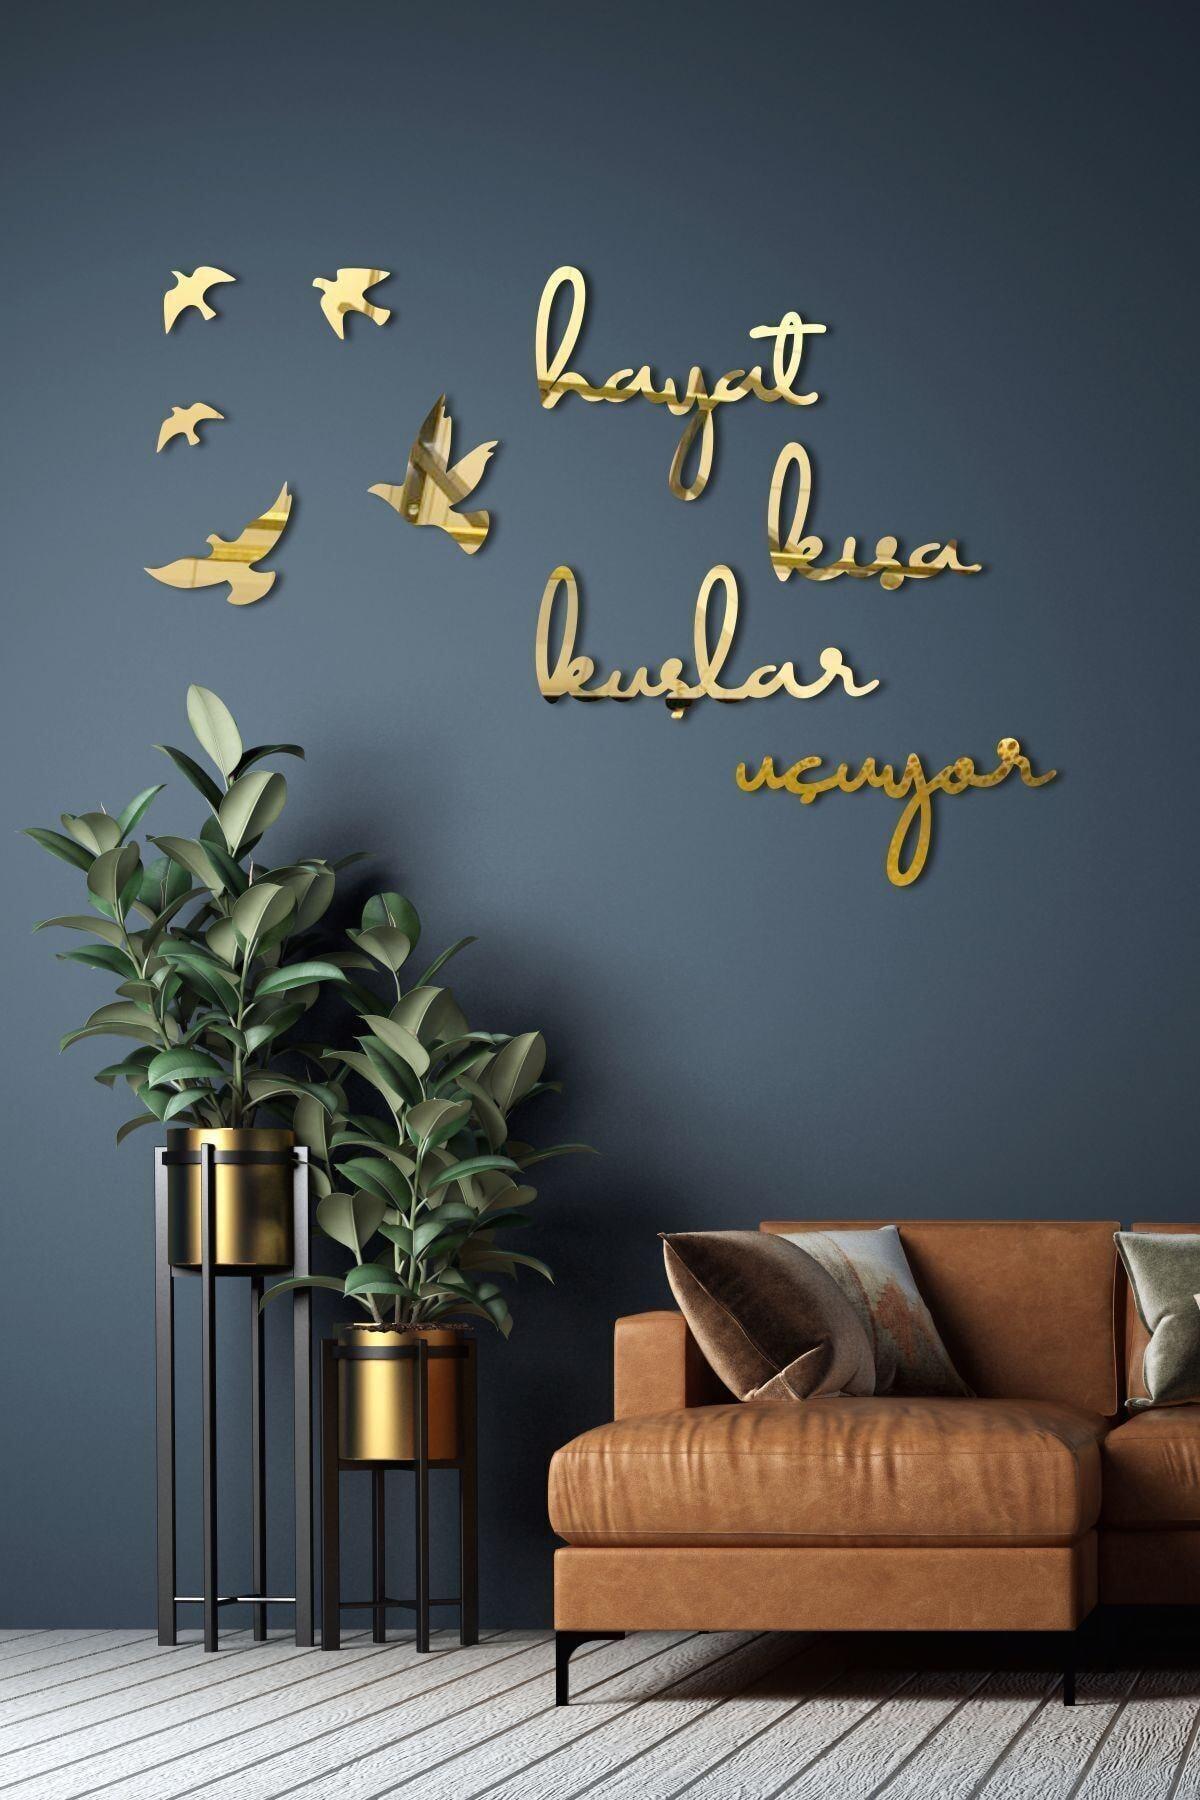 GÜNEŞ LAZER Hayat Kısa Kuşlar Uçuyor Aynalı Gold Pleksi Duvar Dekor Yazısı 1